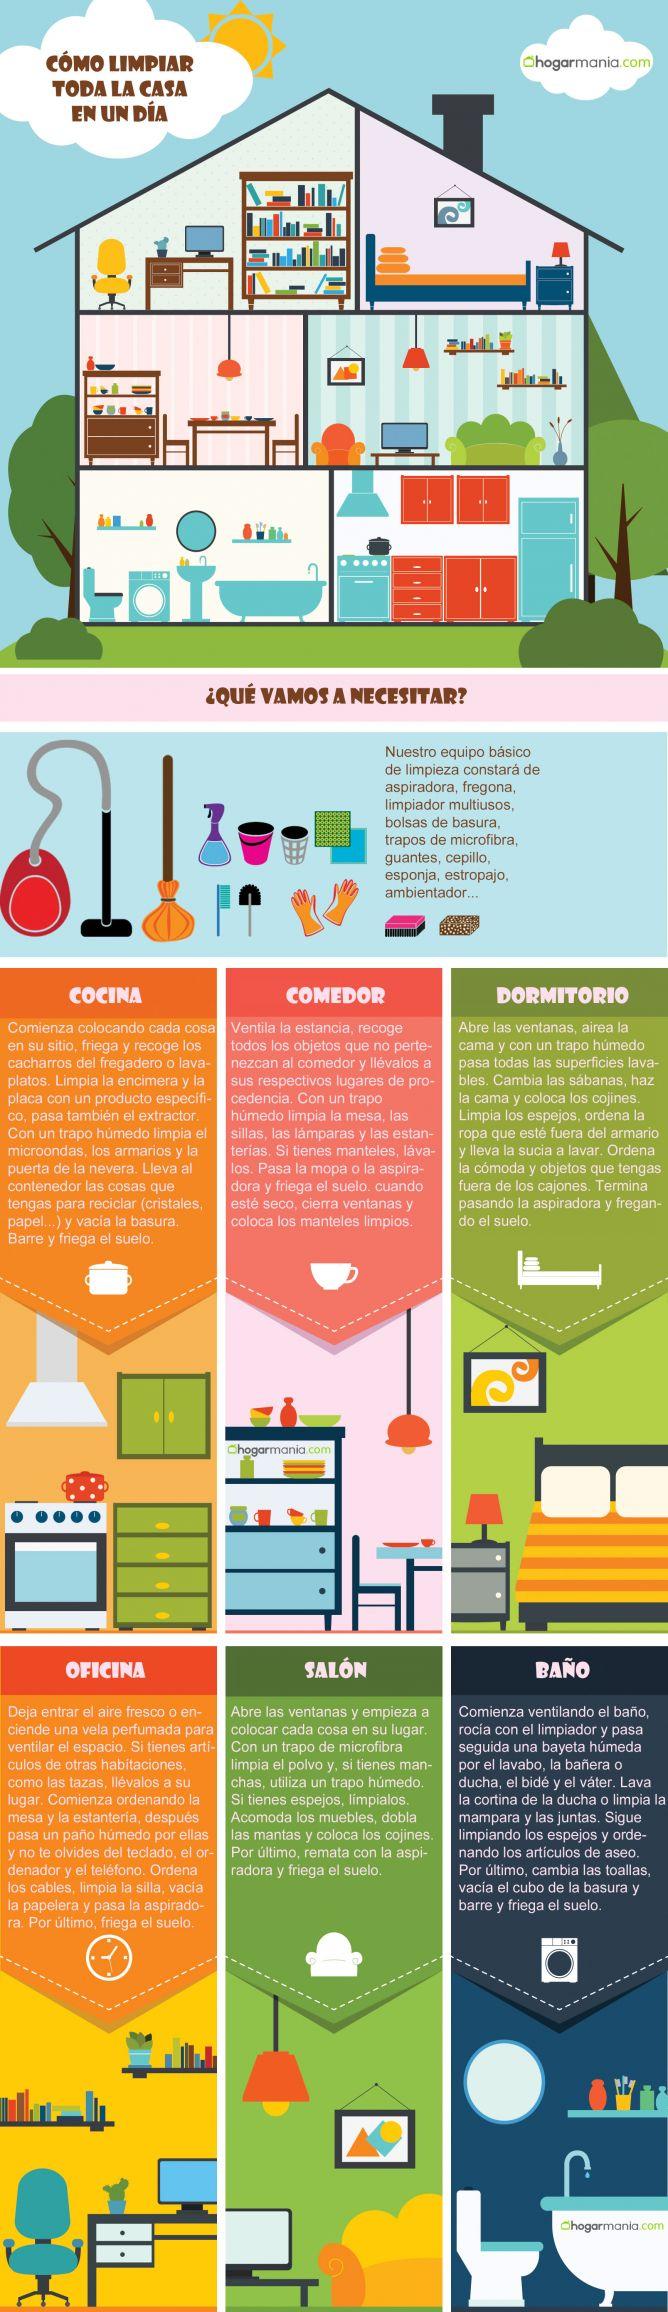 Cómo limpiar la casa